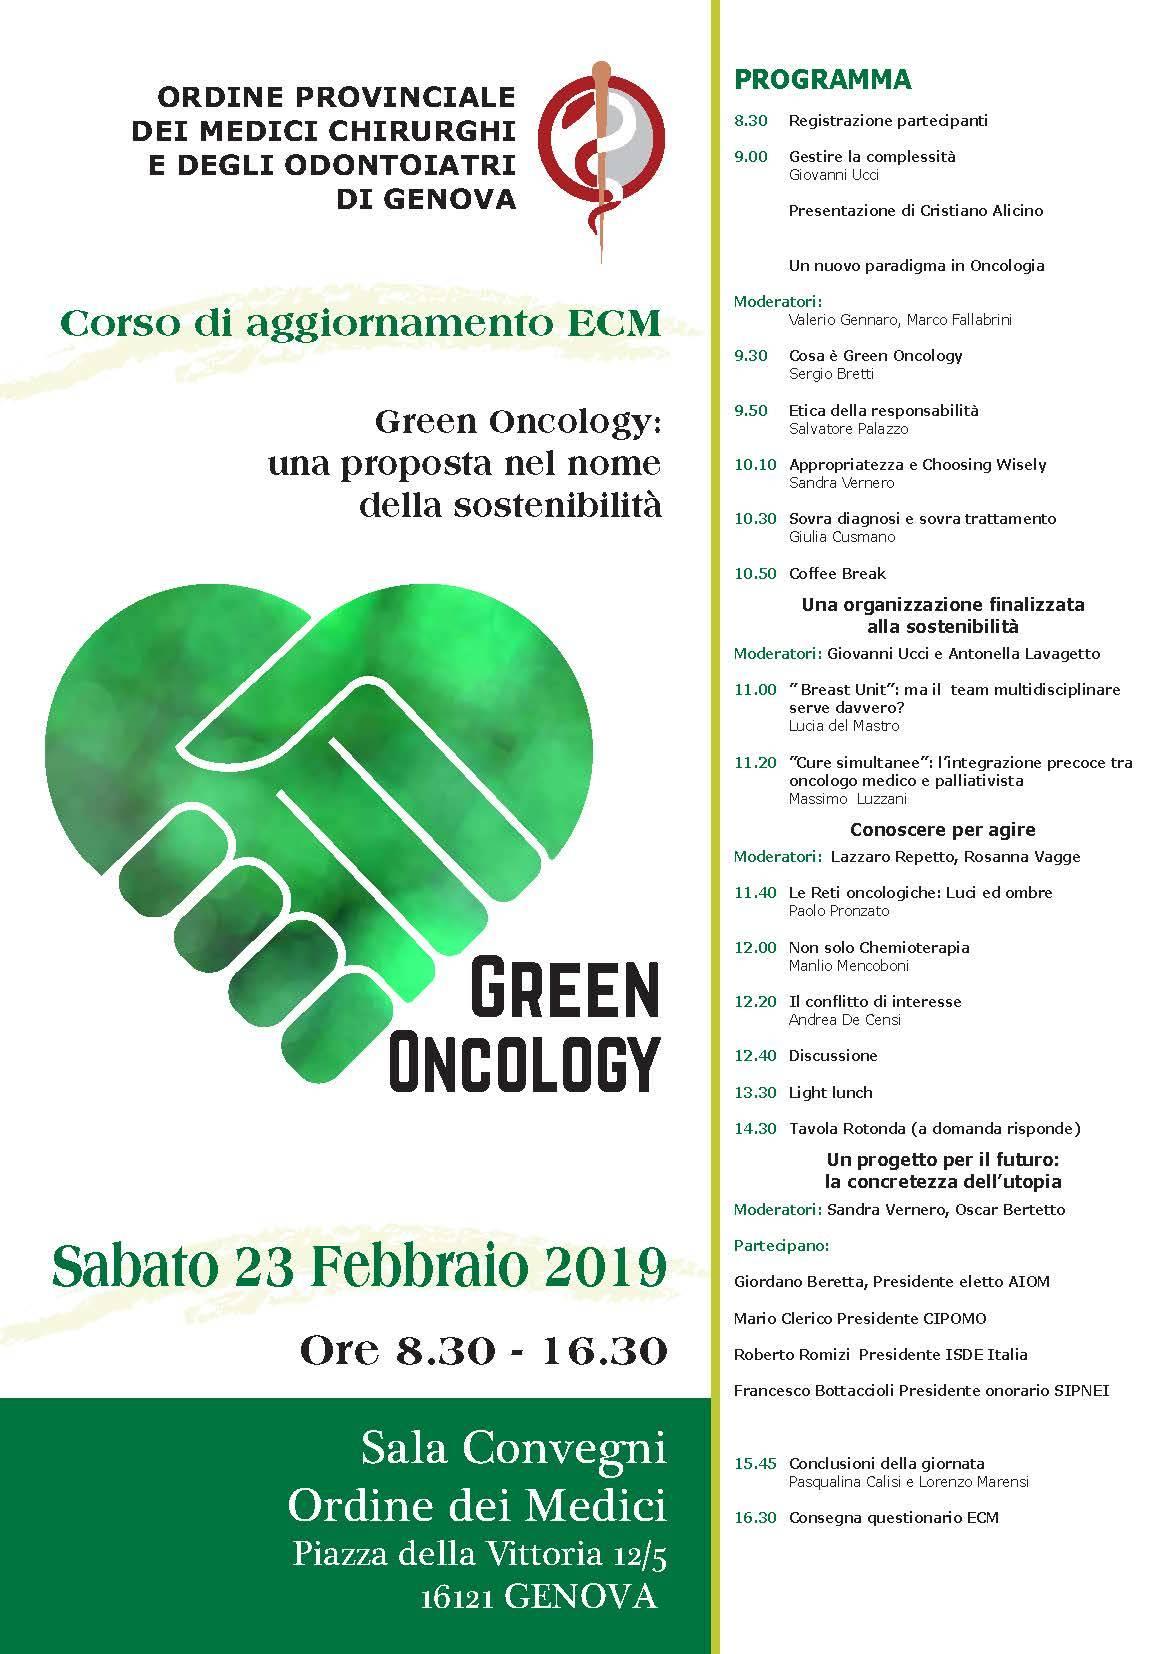 Ordine dei medici di Genova 23 febbraio 2019. Green Oncology